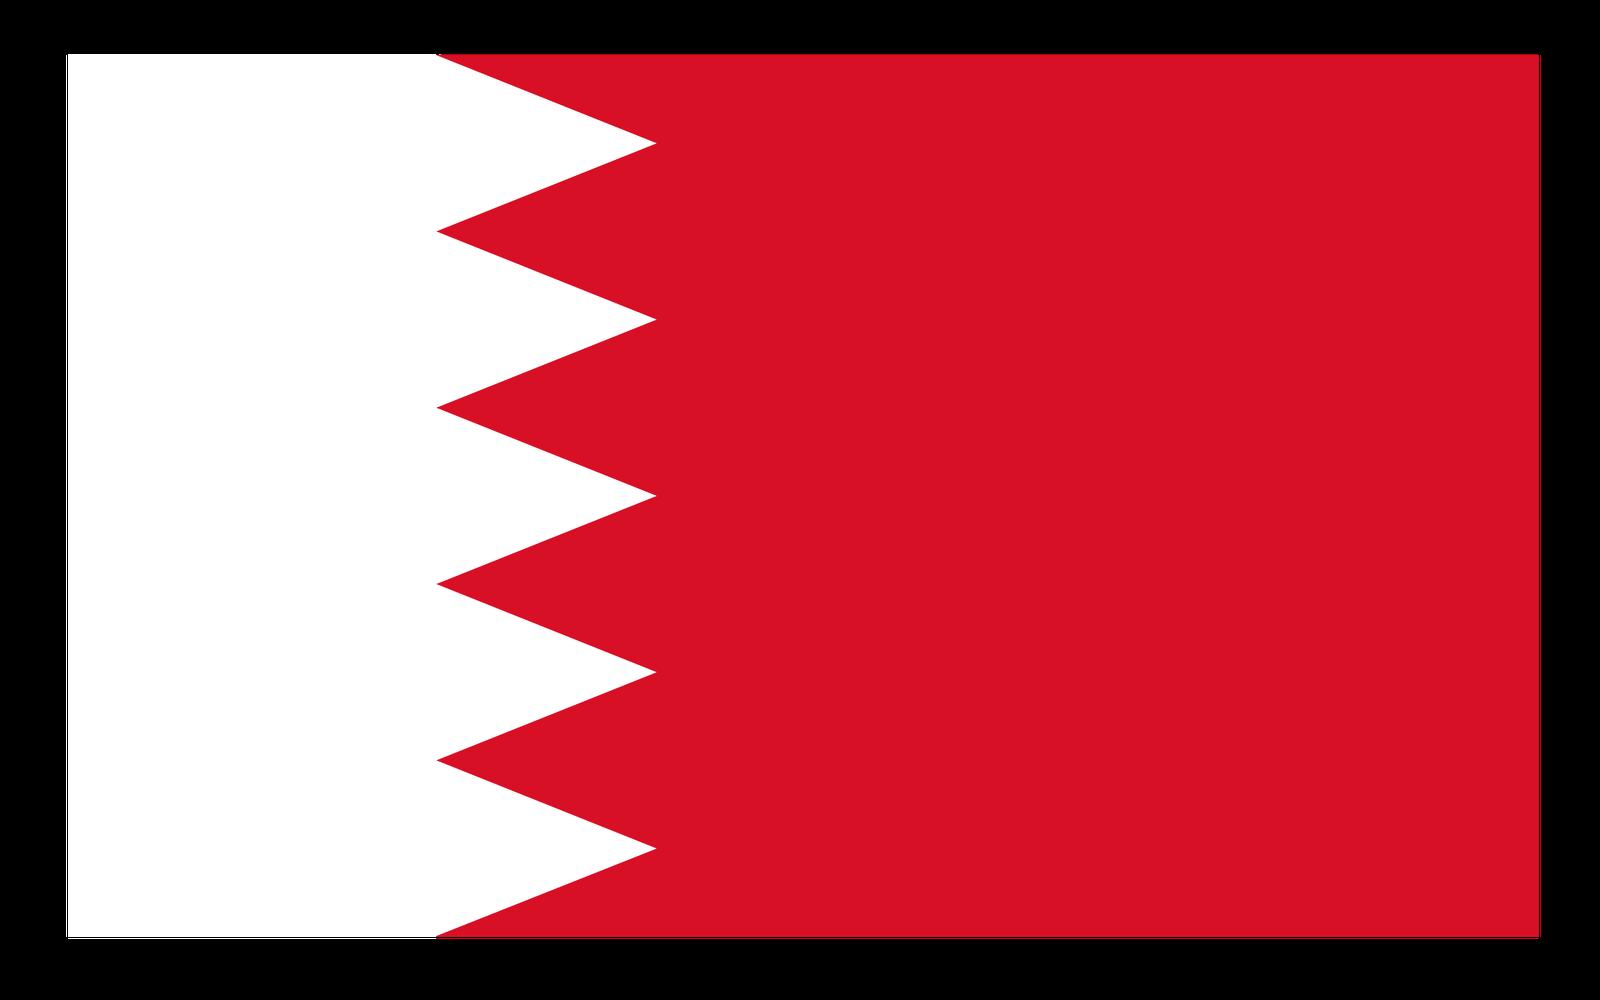 https://4.bp.blogspot.com/-RK-dp9WCwWk/TvSbNKm2juI/AAAAAAAAAZk/RMNcIczdfk4/s1600/Bahrain.png